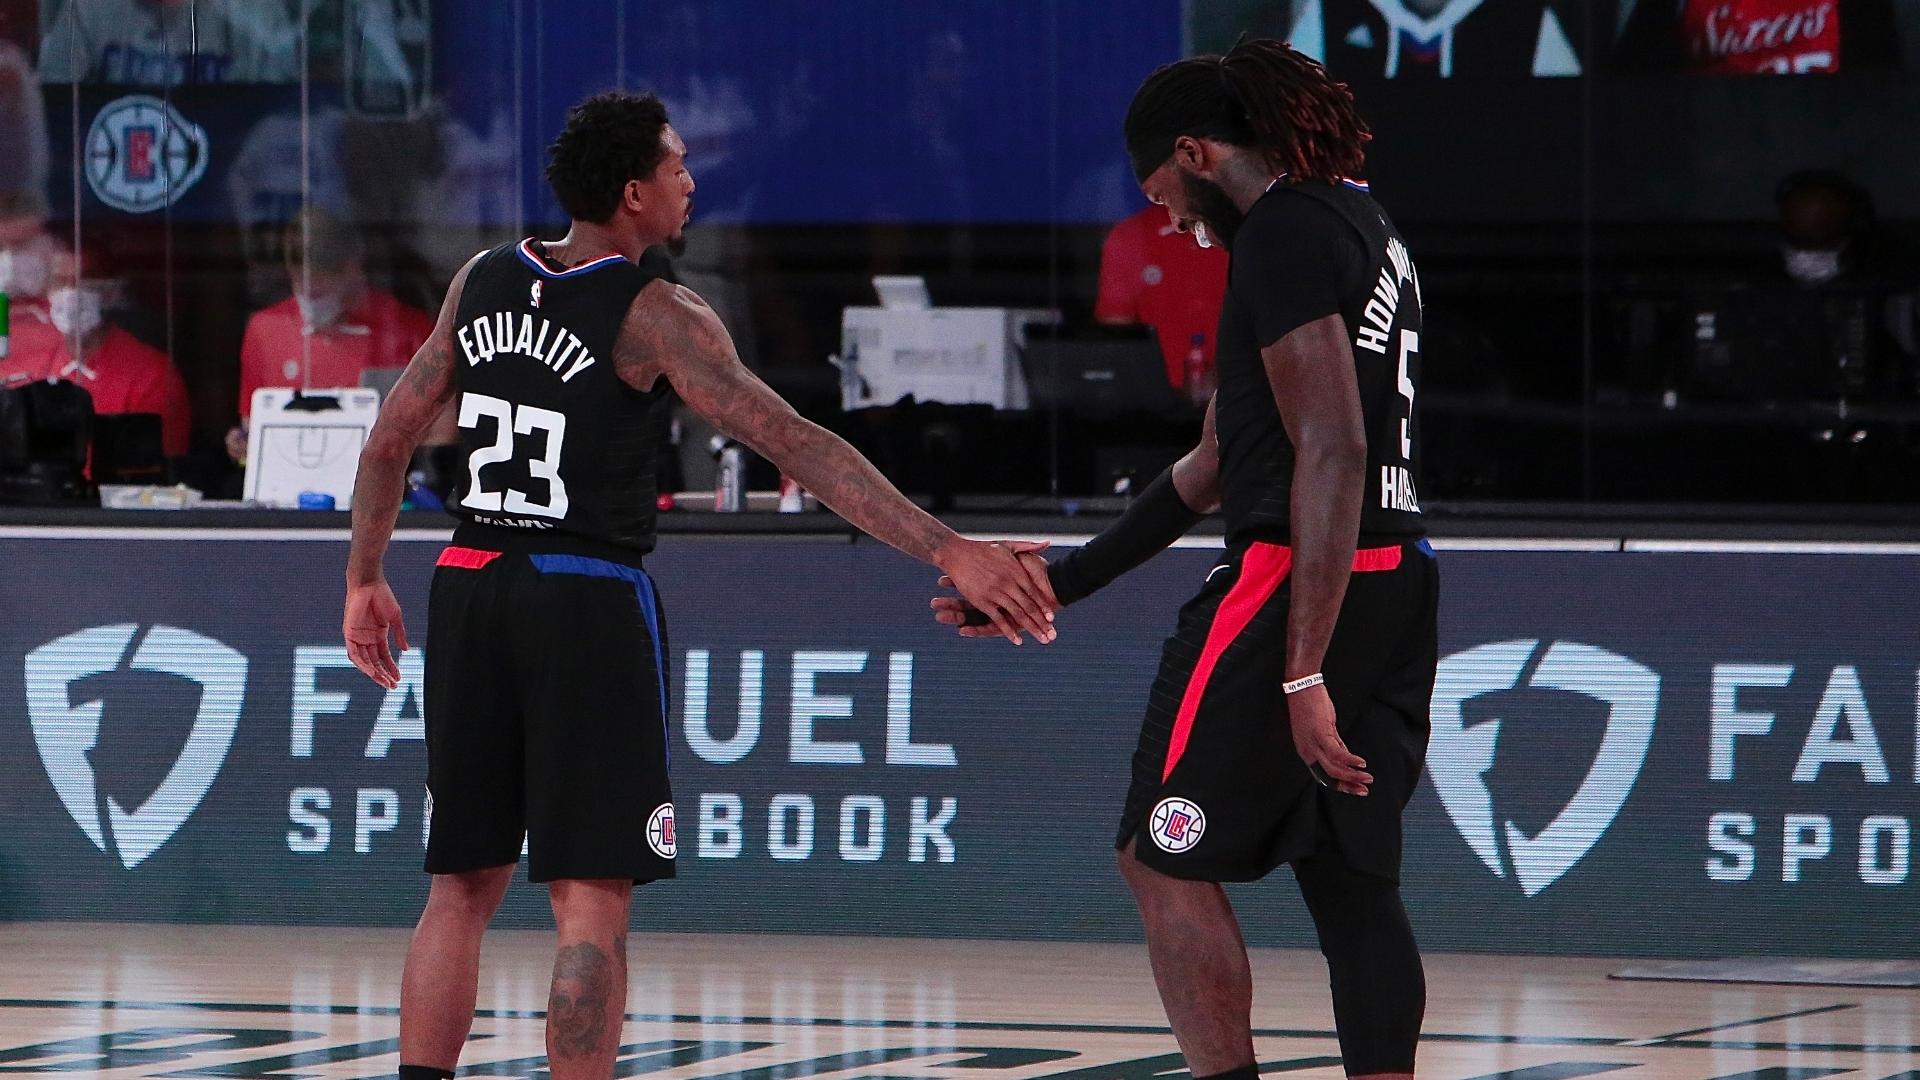 NBA Playoffs 2020: ¿Qué pasa con el banco de LA Clippers? El bajo rendimiento de Lou Williams y Montrezl Harrell | NBA.com Argentina | El sitio oficial de la NBA